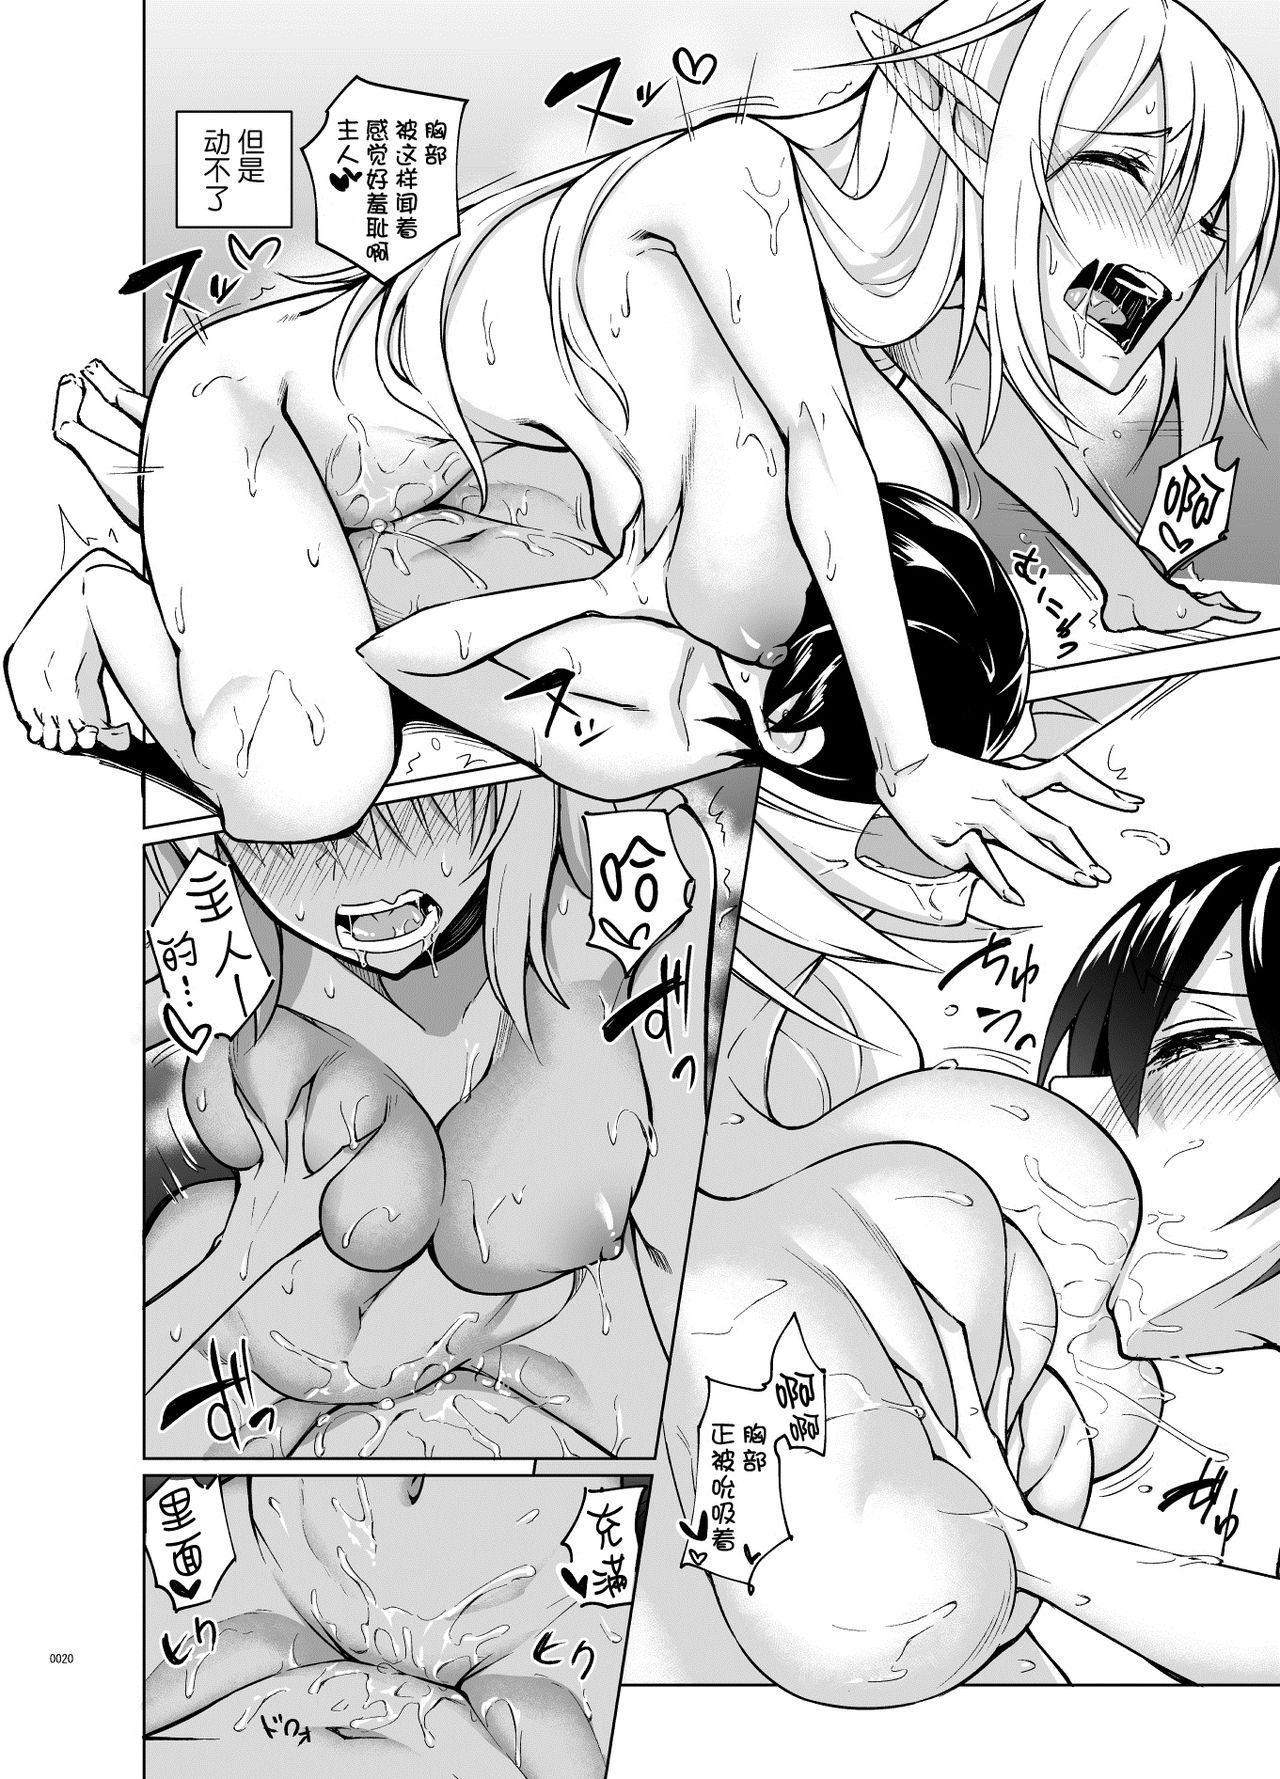 Toaru Elf o Hikitorimashite Shunmin no Hi 18